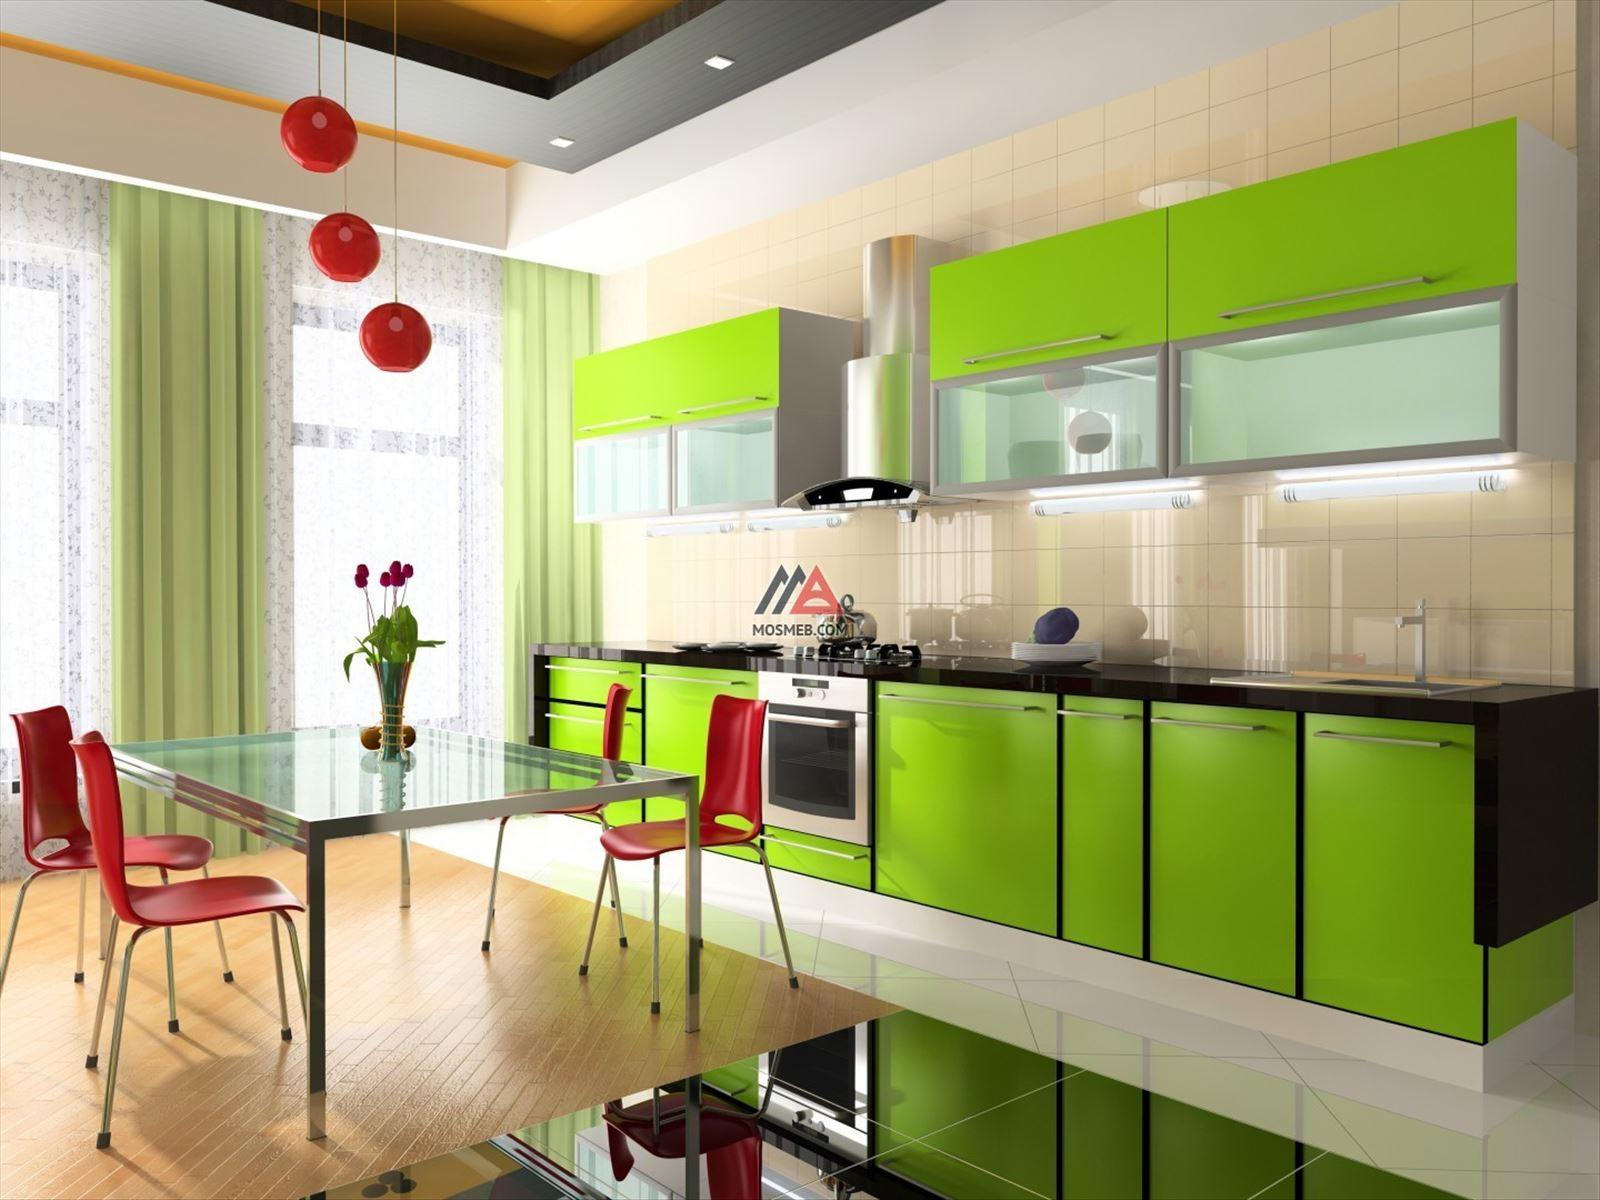 Фото интерьер кухни с зеленой мебелью